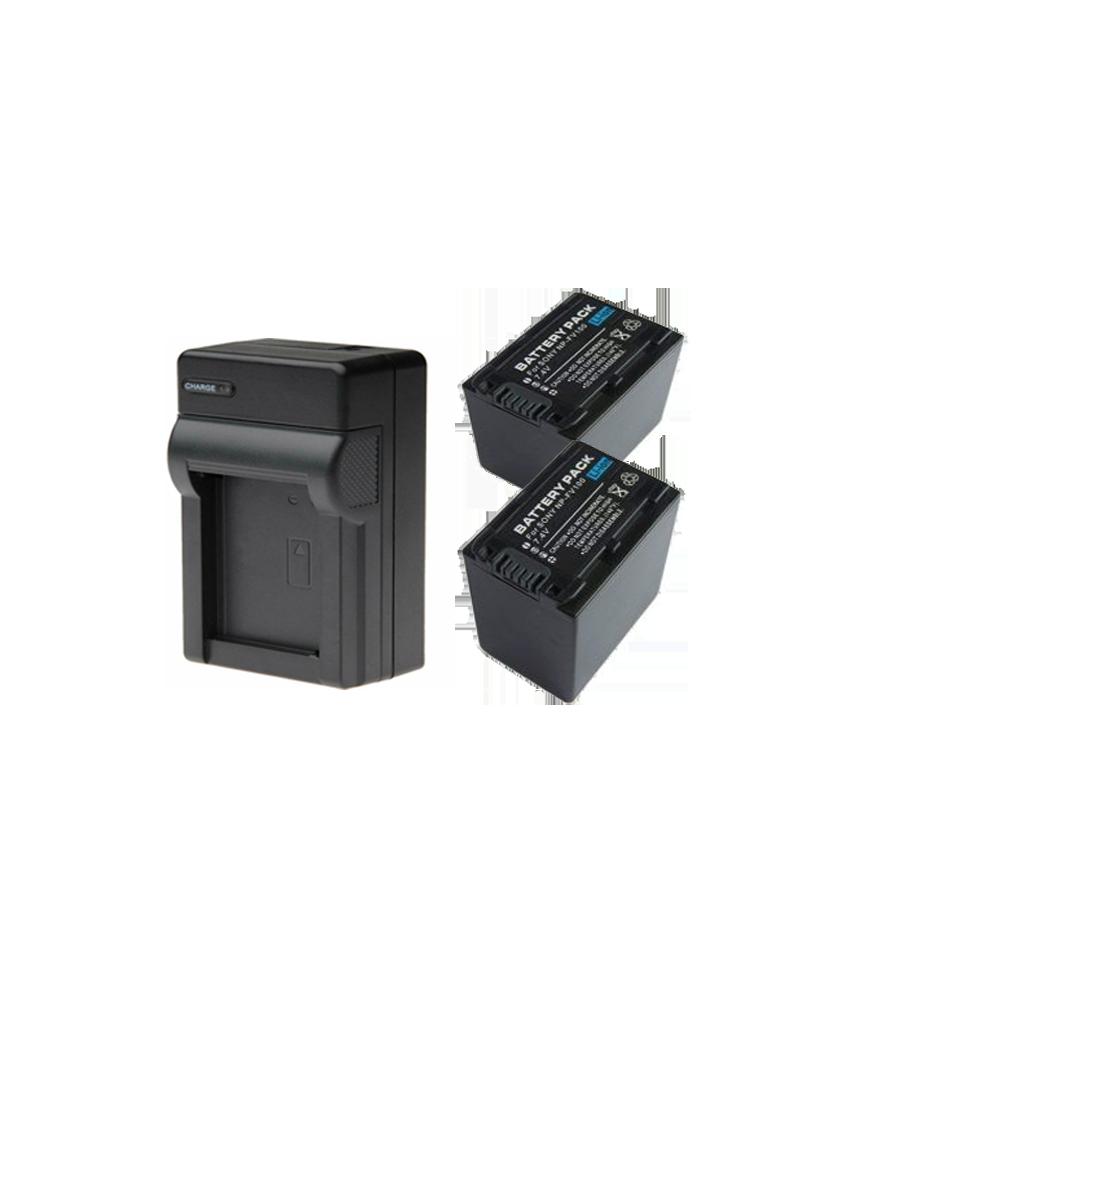 2 Baterias FV100 + Carregador para Sony HDR-XR160E, HDR-PJ50VE, DCR-SR77E, DCR-HC85E